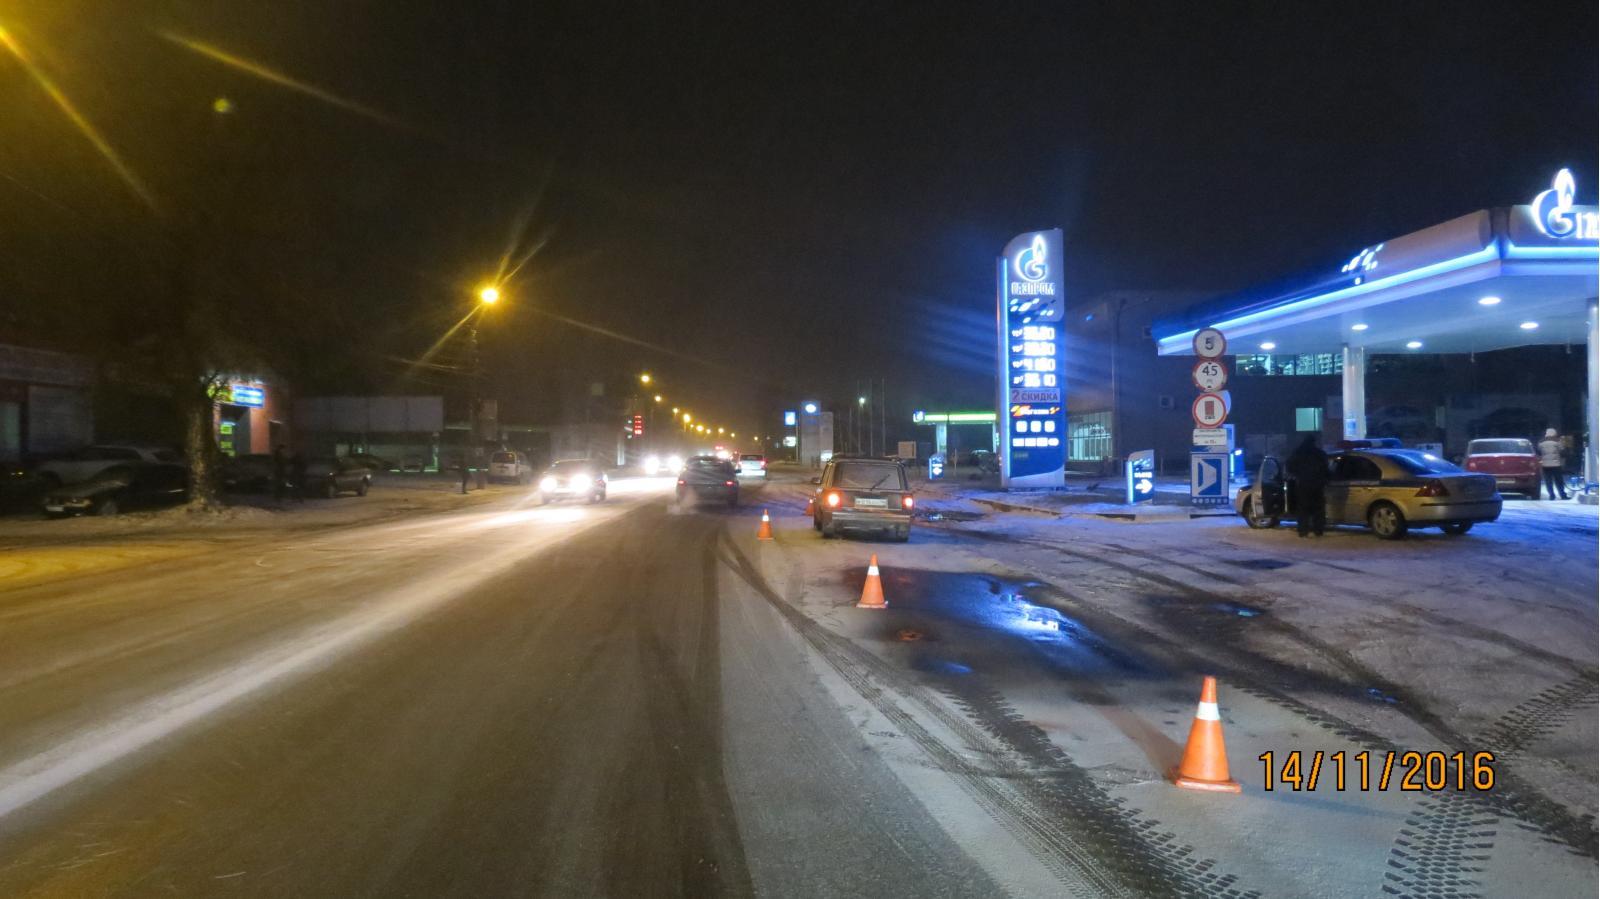 ВКурске семья, перебегая дорогу внеположенном месте, угодила под машину